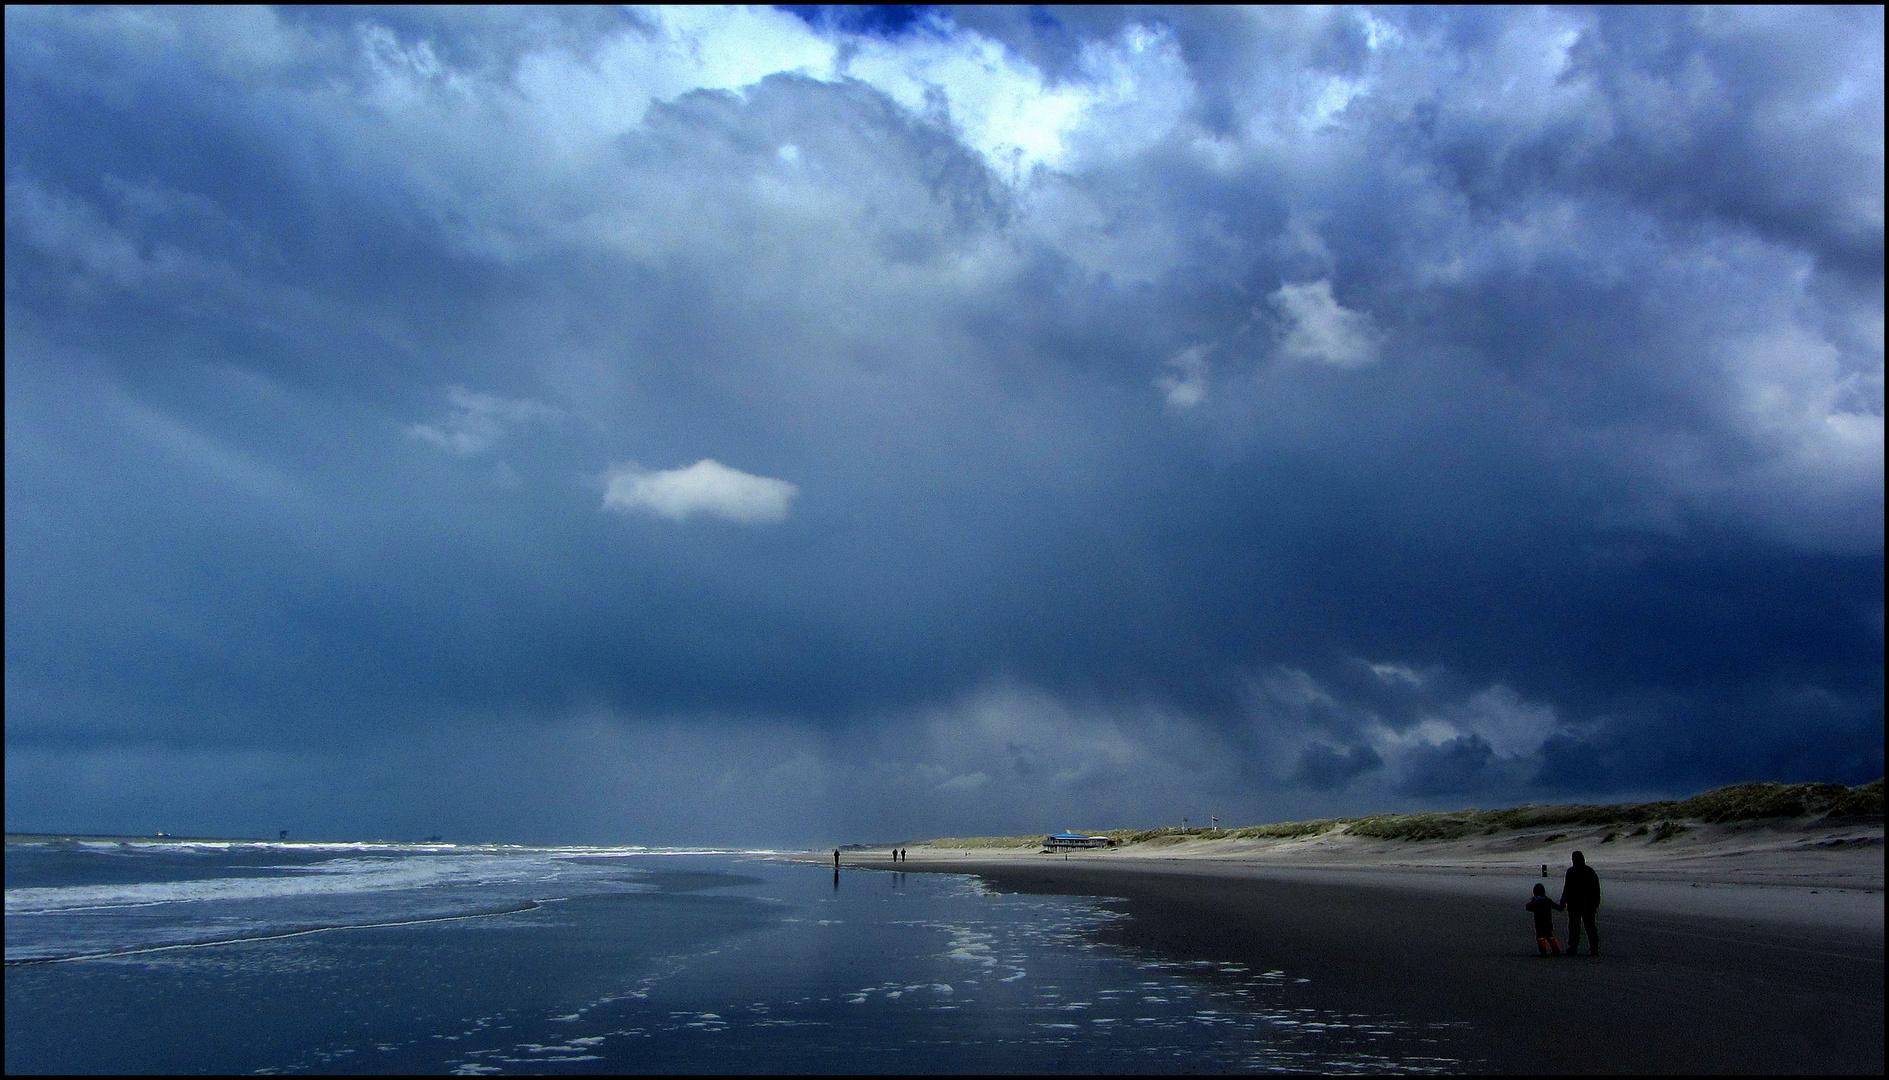 Blaudrohendes Unwetter am Meer